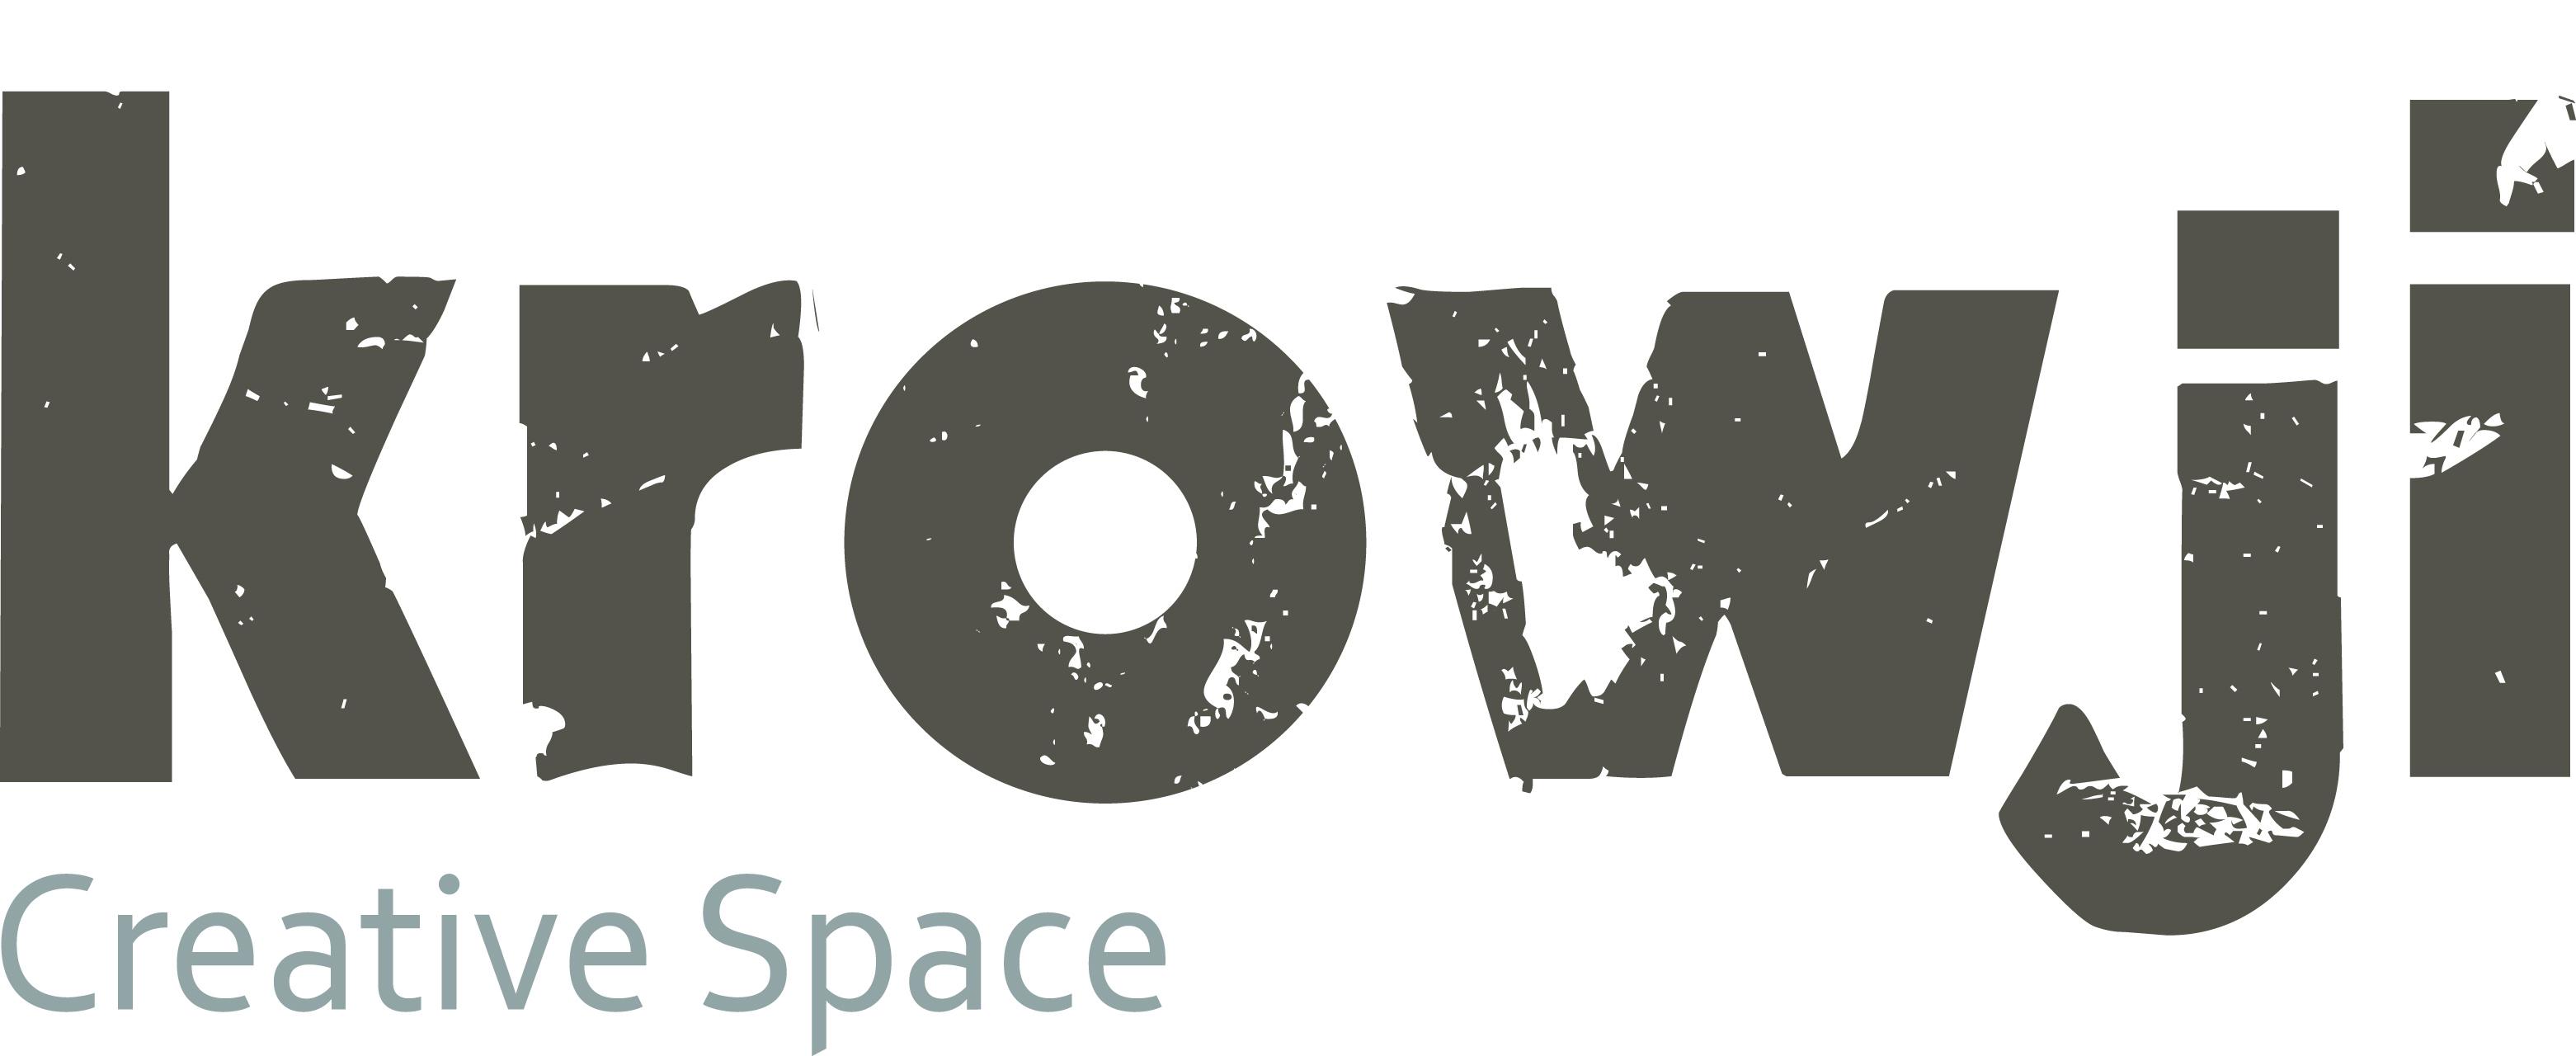 Krowji Ltd